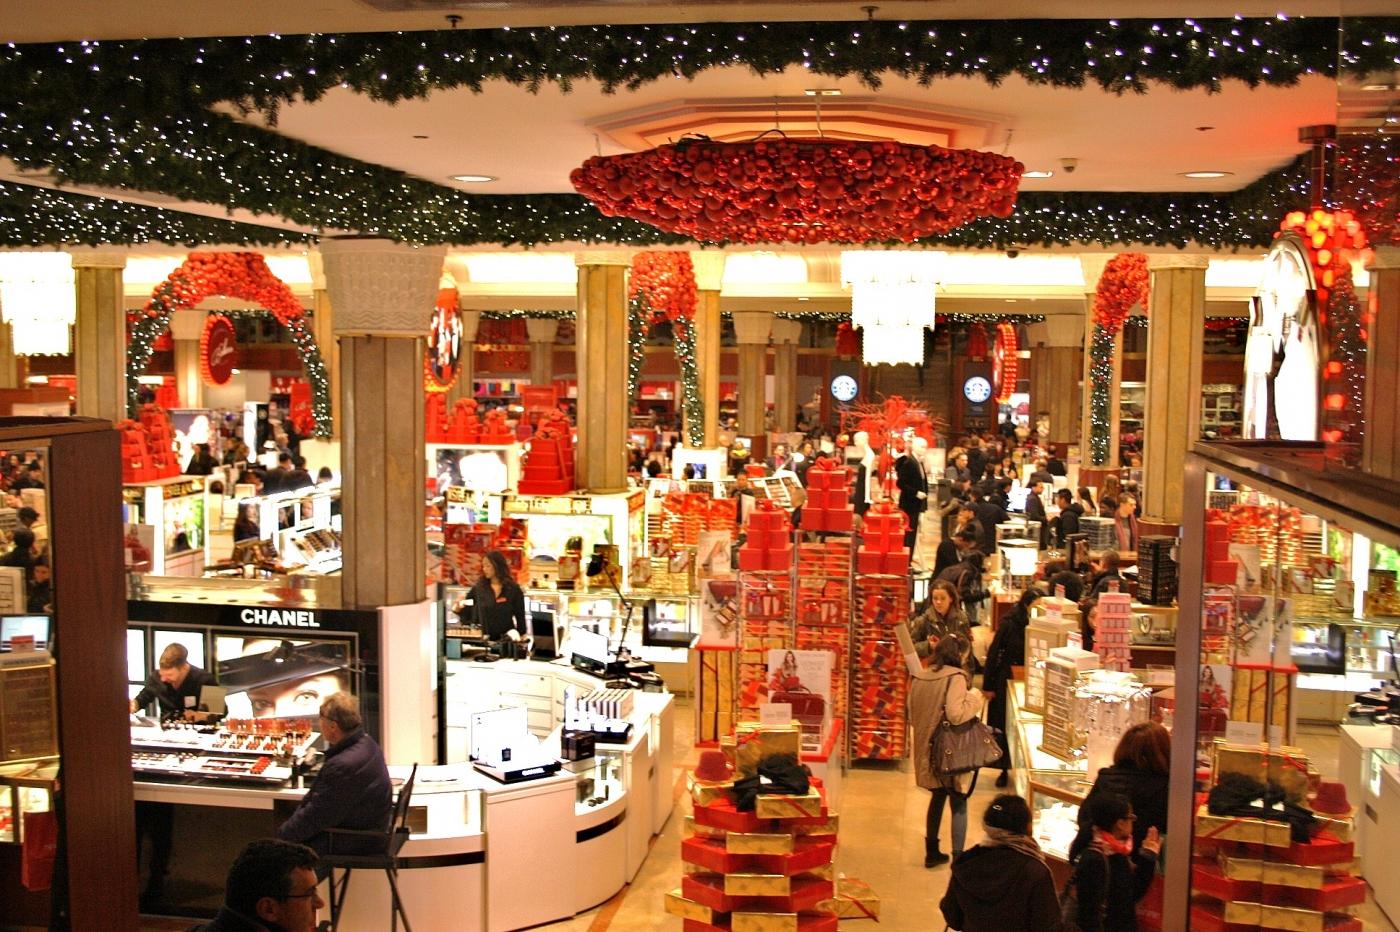 圣诞来临,感受快乐 - 祝大家圣诞快乐,新年快乐_图1-17